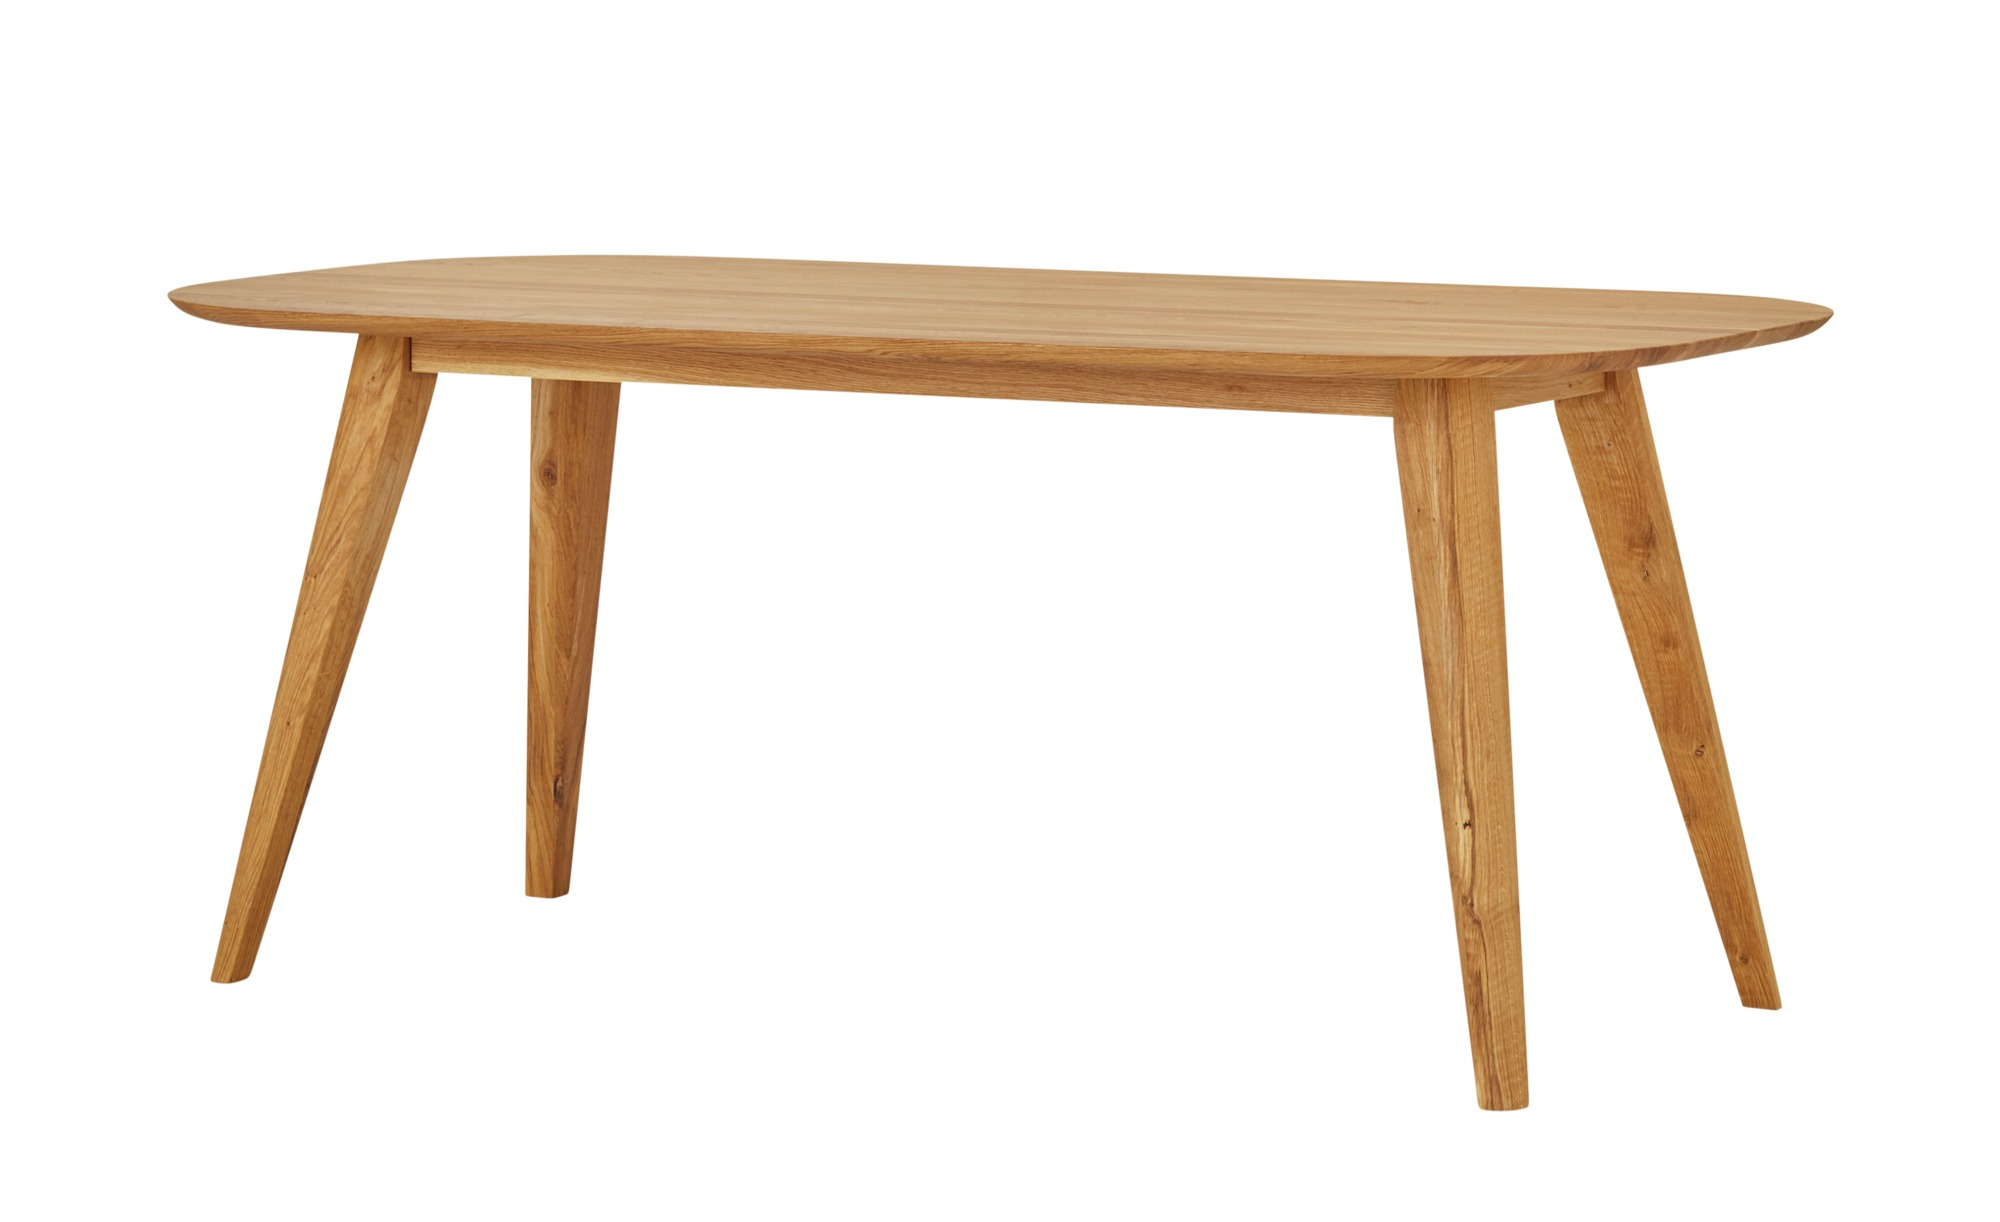 Woodford Esstisch  Sunny ¦ holzfarben ¦ Maße (cm): B: 90 H: 75,5 Tische > Esstische > Esstische massiv - Höffner